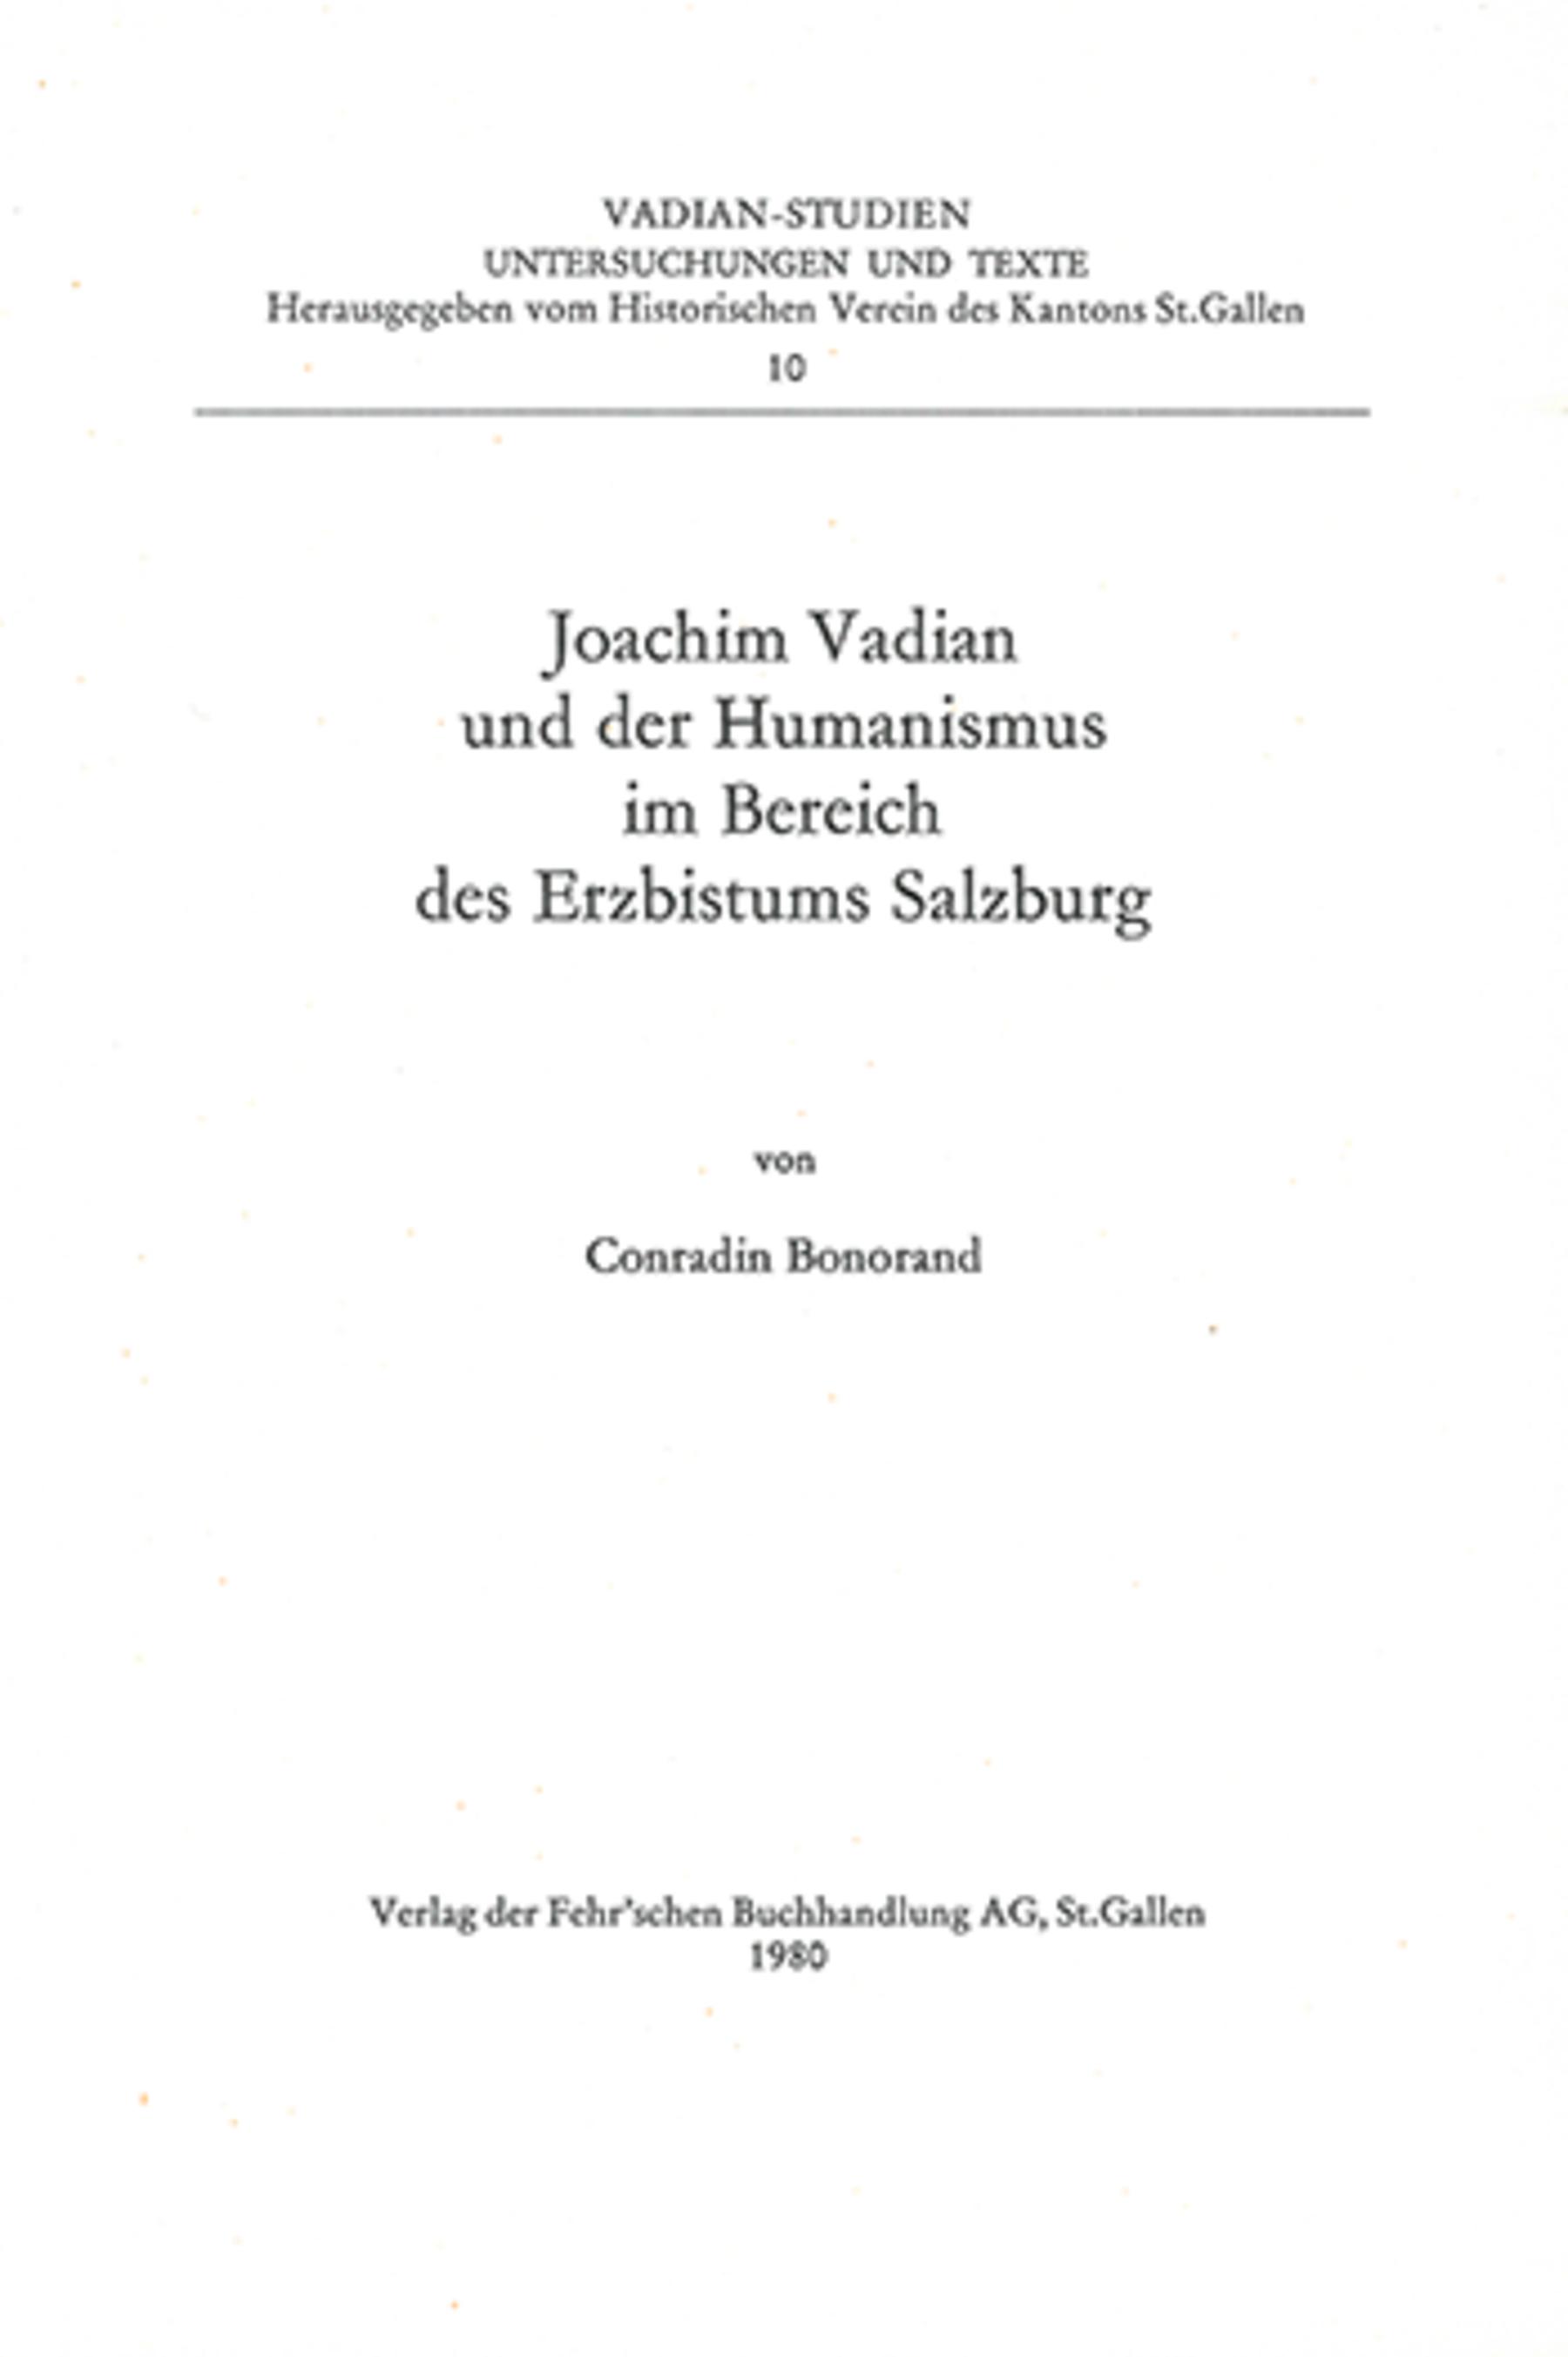 Joachim Vadian und der Humanismus <p><p>im Bereich des Erzbistums Salzburg